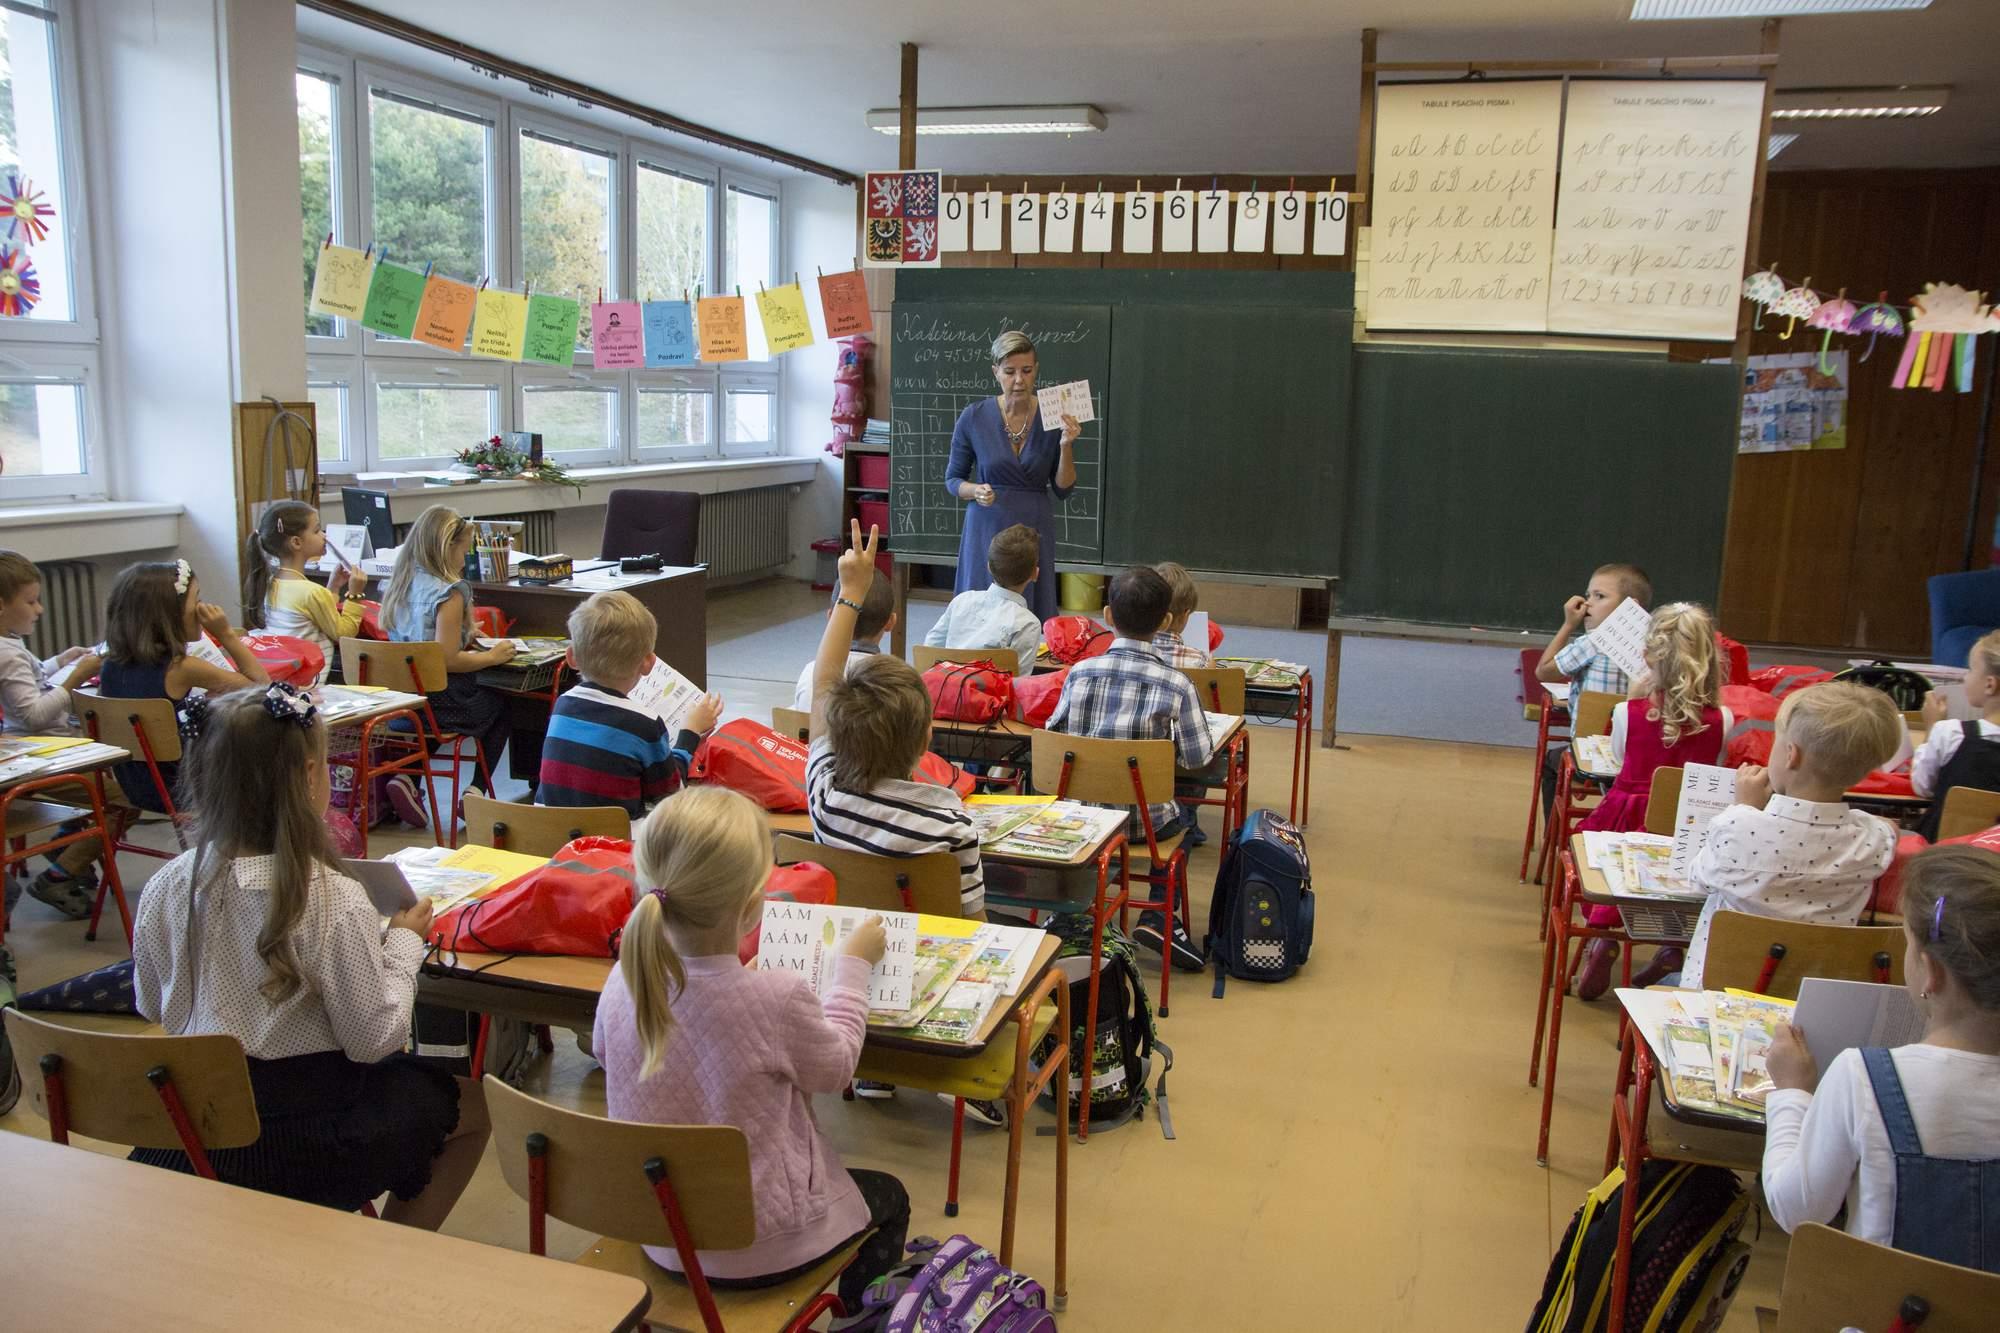 Děti ve škole. Foto: Marie Kolajová